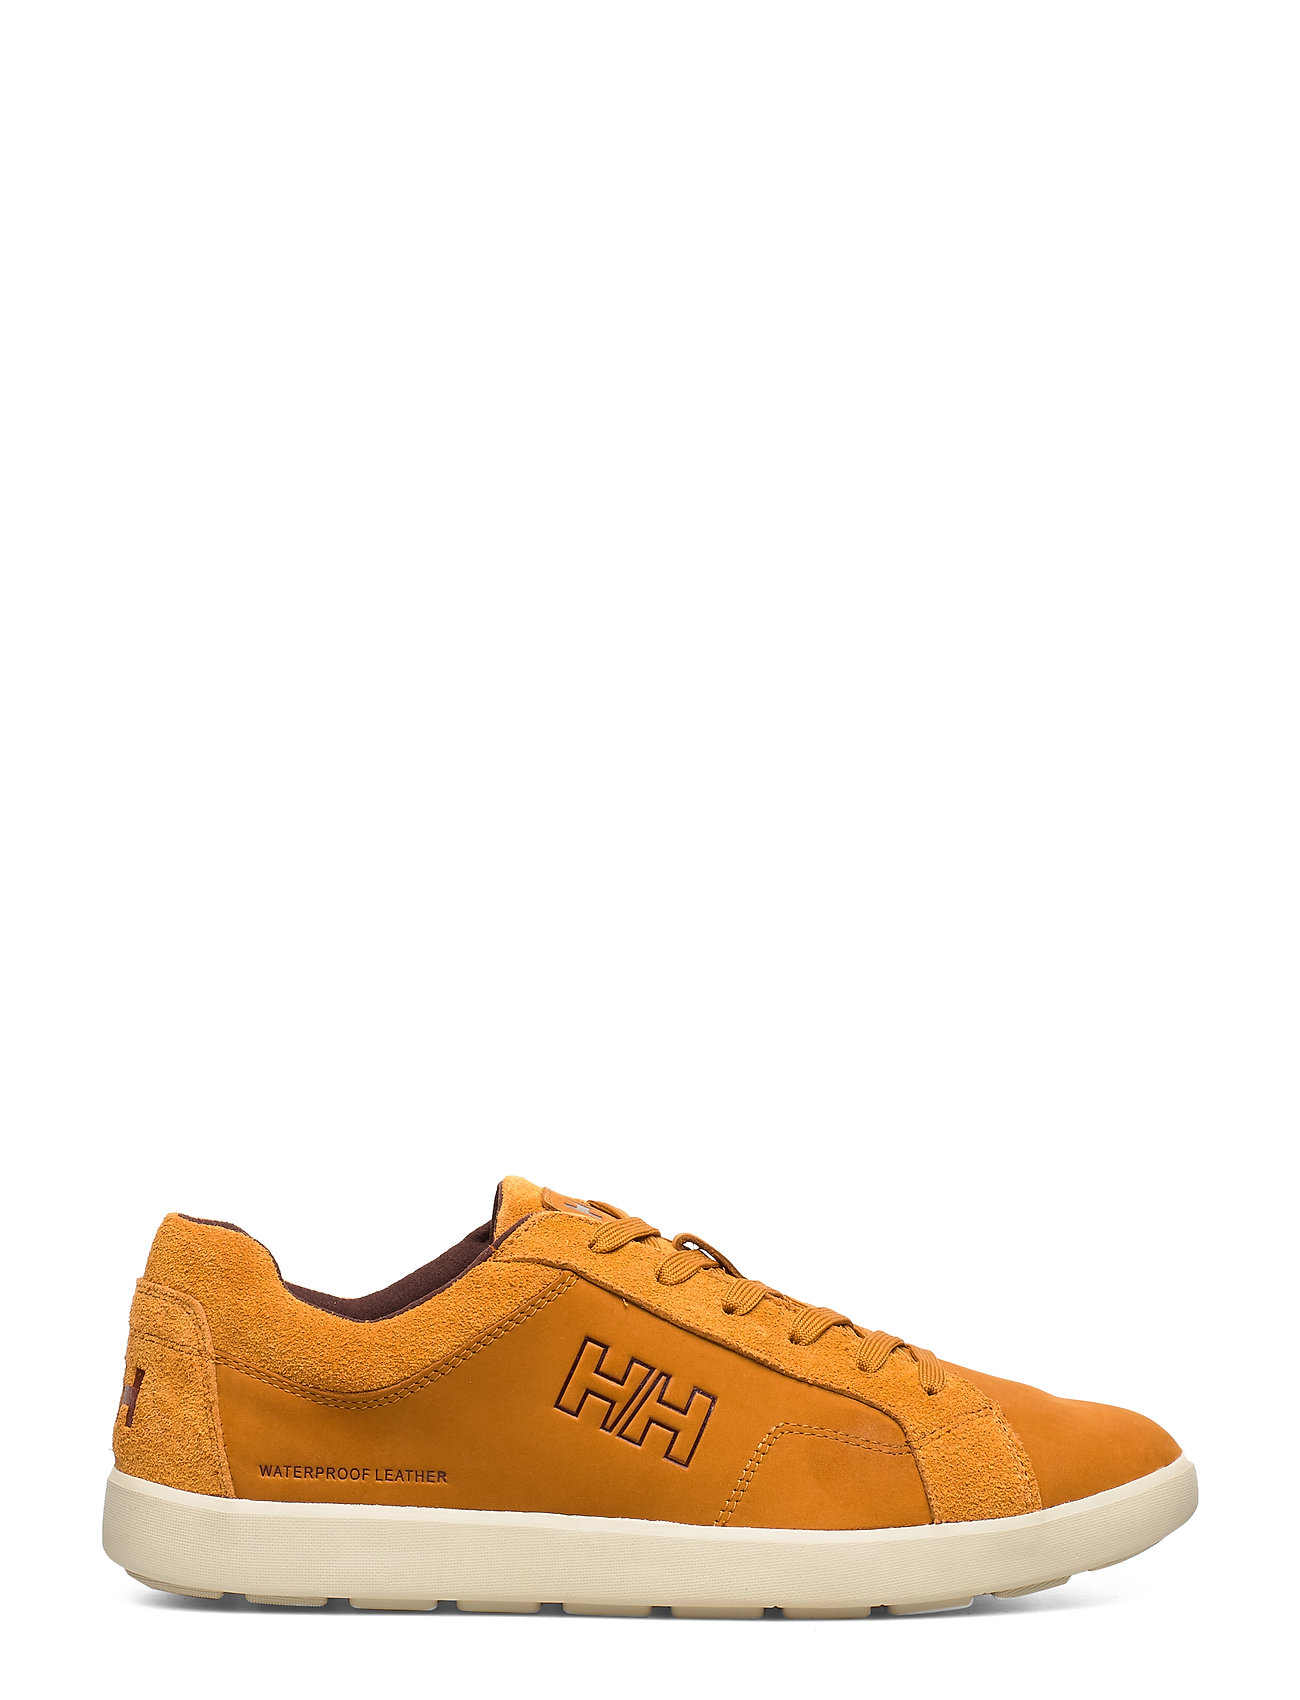 Har Fundet Hummel Herrer Sneakers En Side Der Sælger Meget